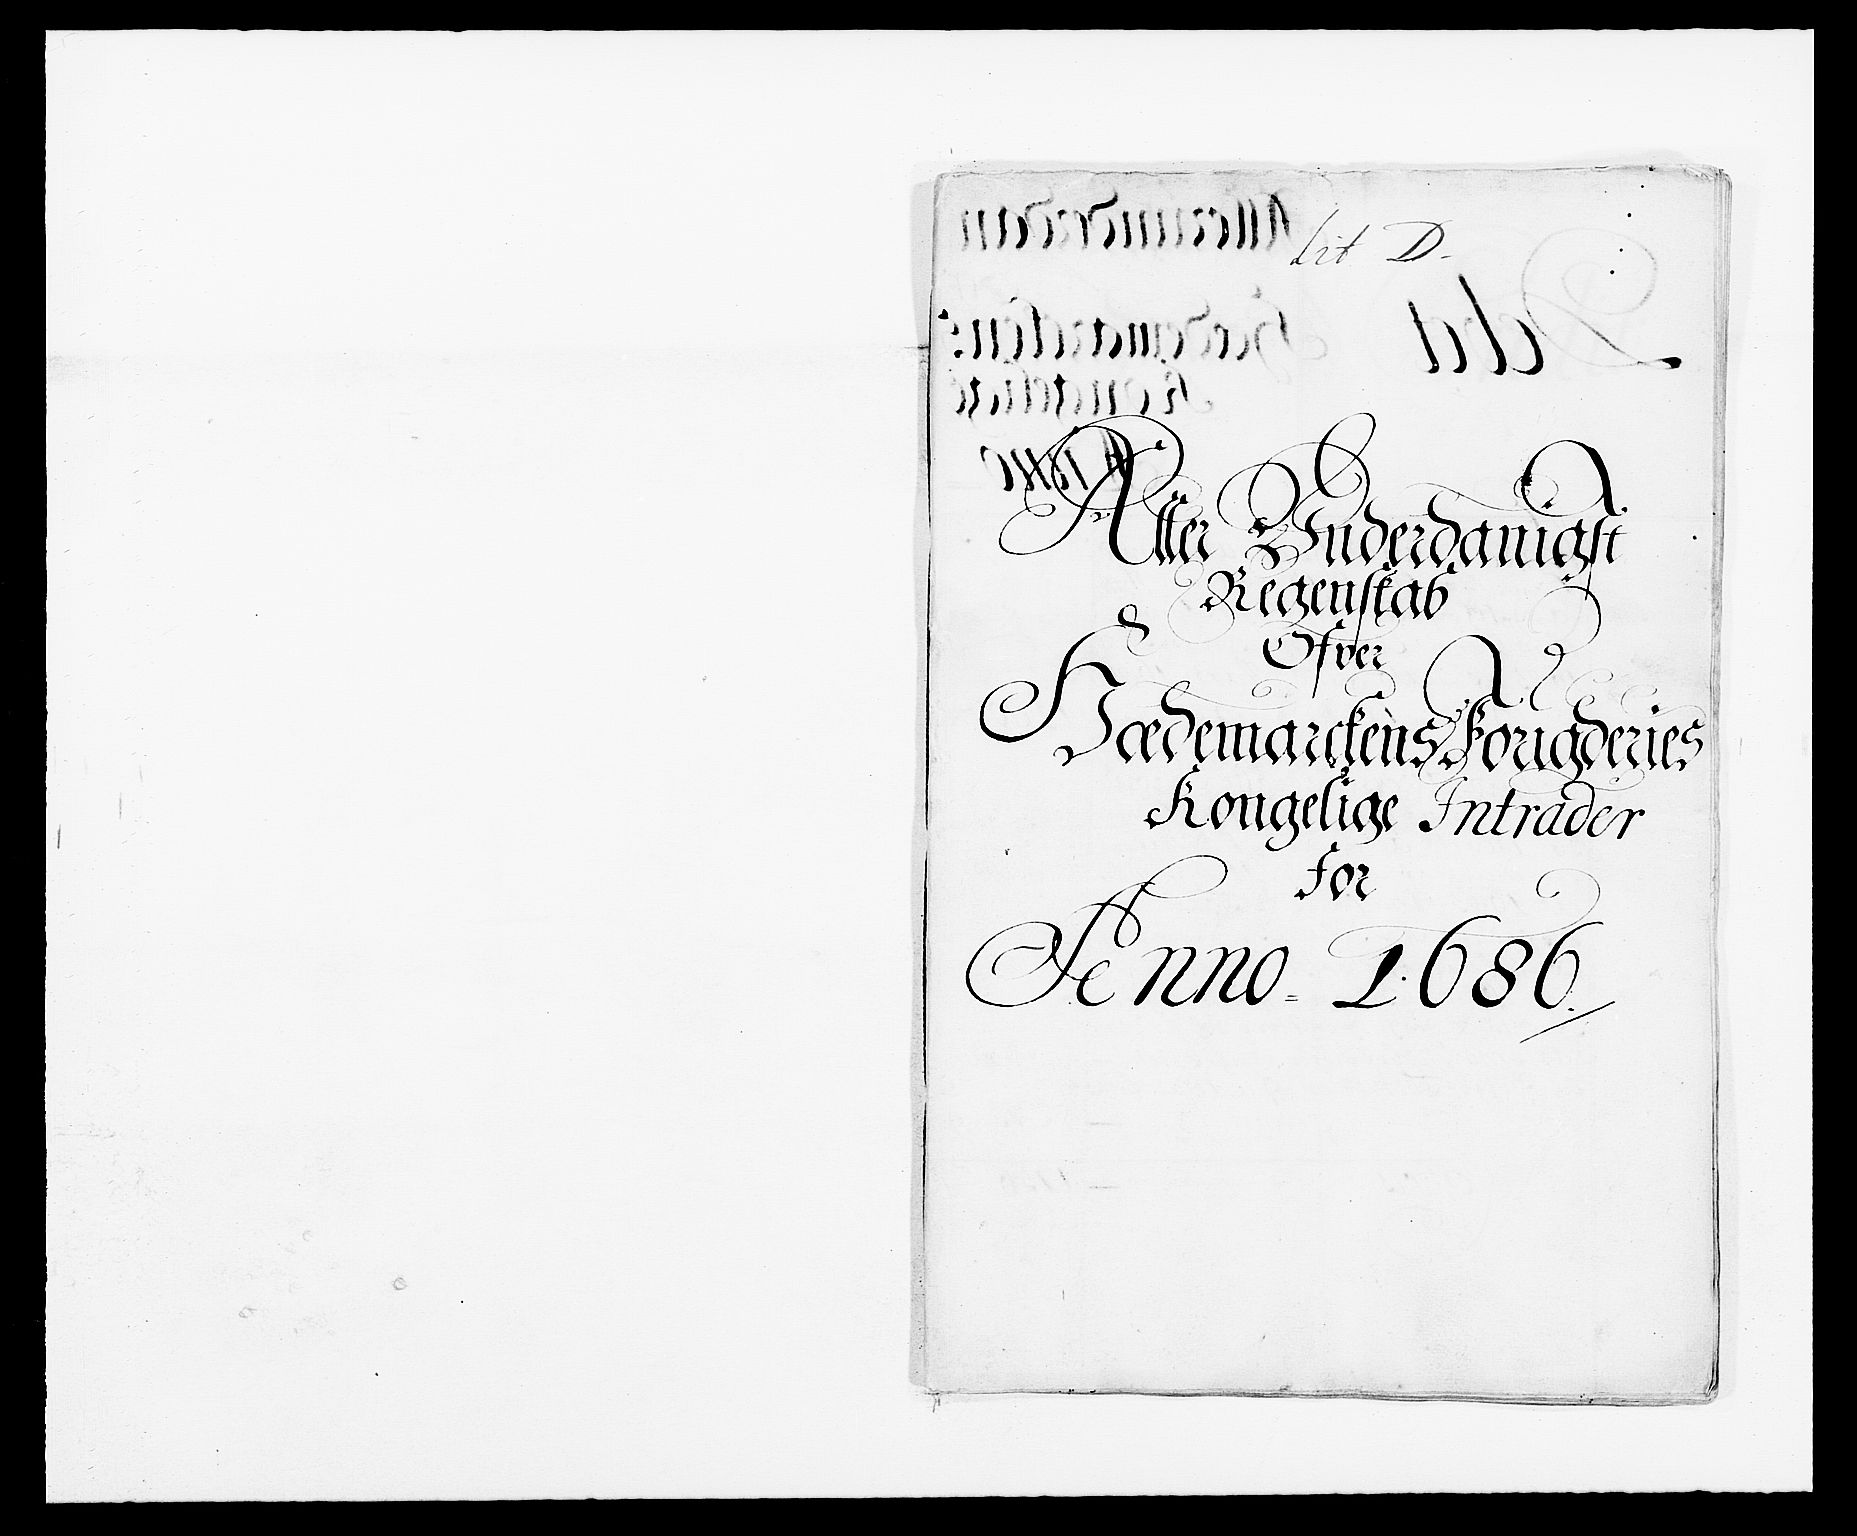 RA, Rentekammeret inntil 1814, Reviderte regnskaper, Fogderegnskap, R16/L1027: Fogderegnskap Hedmark, 1686, s. 1